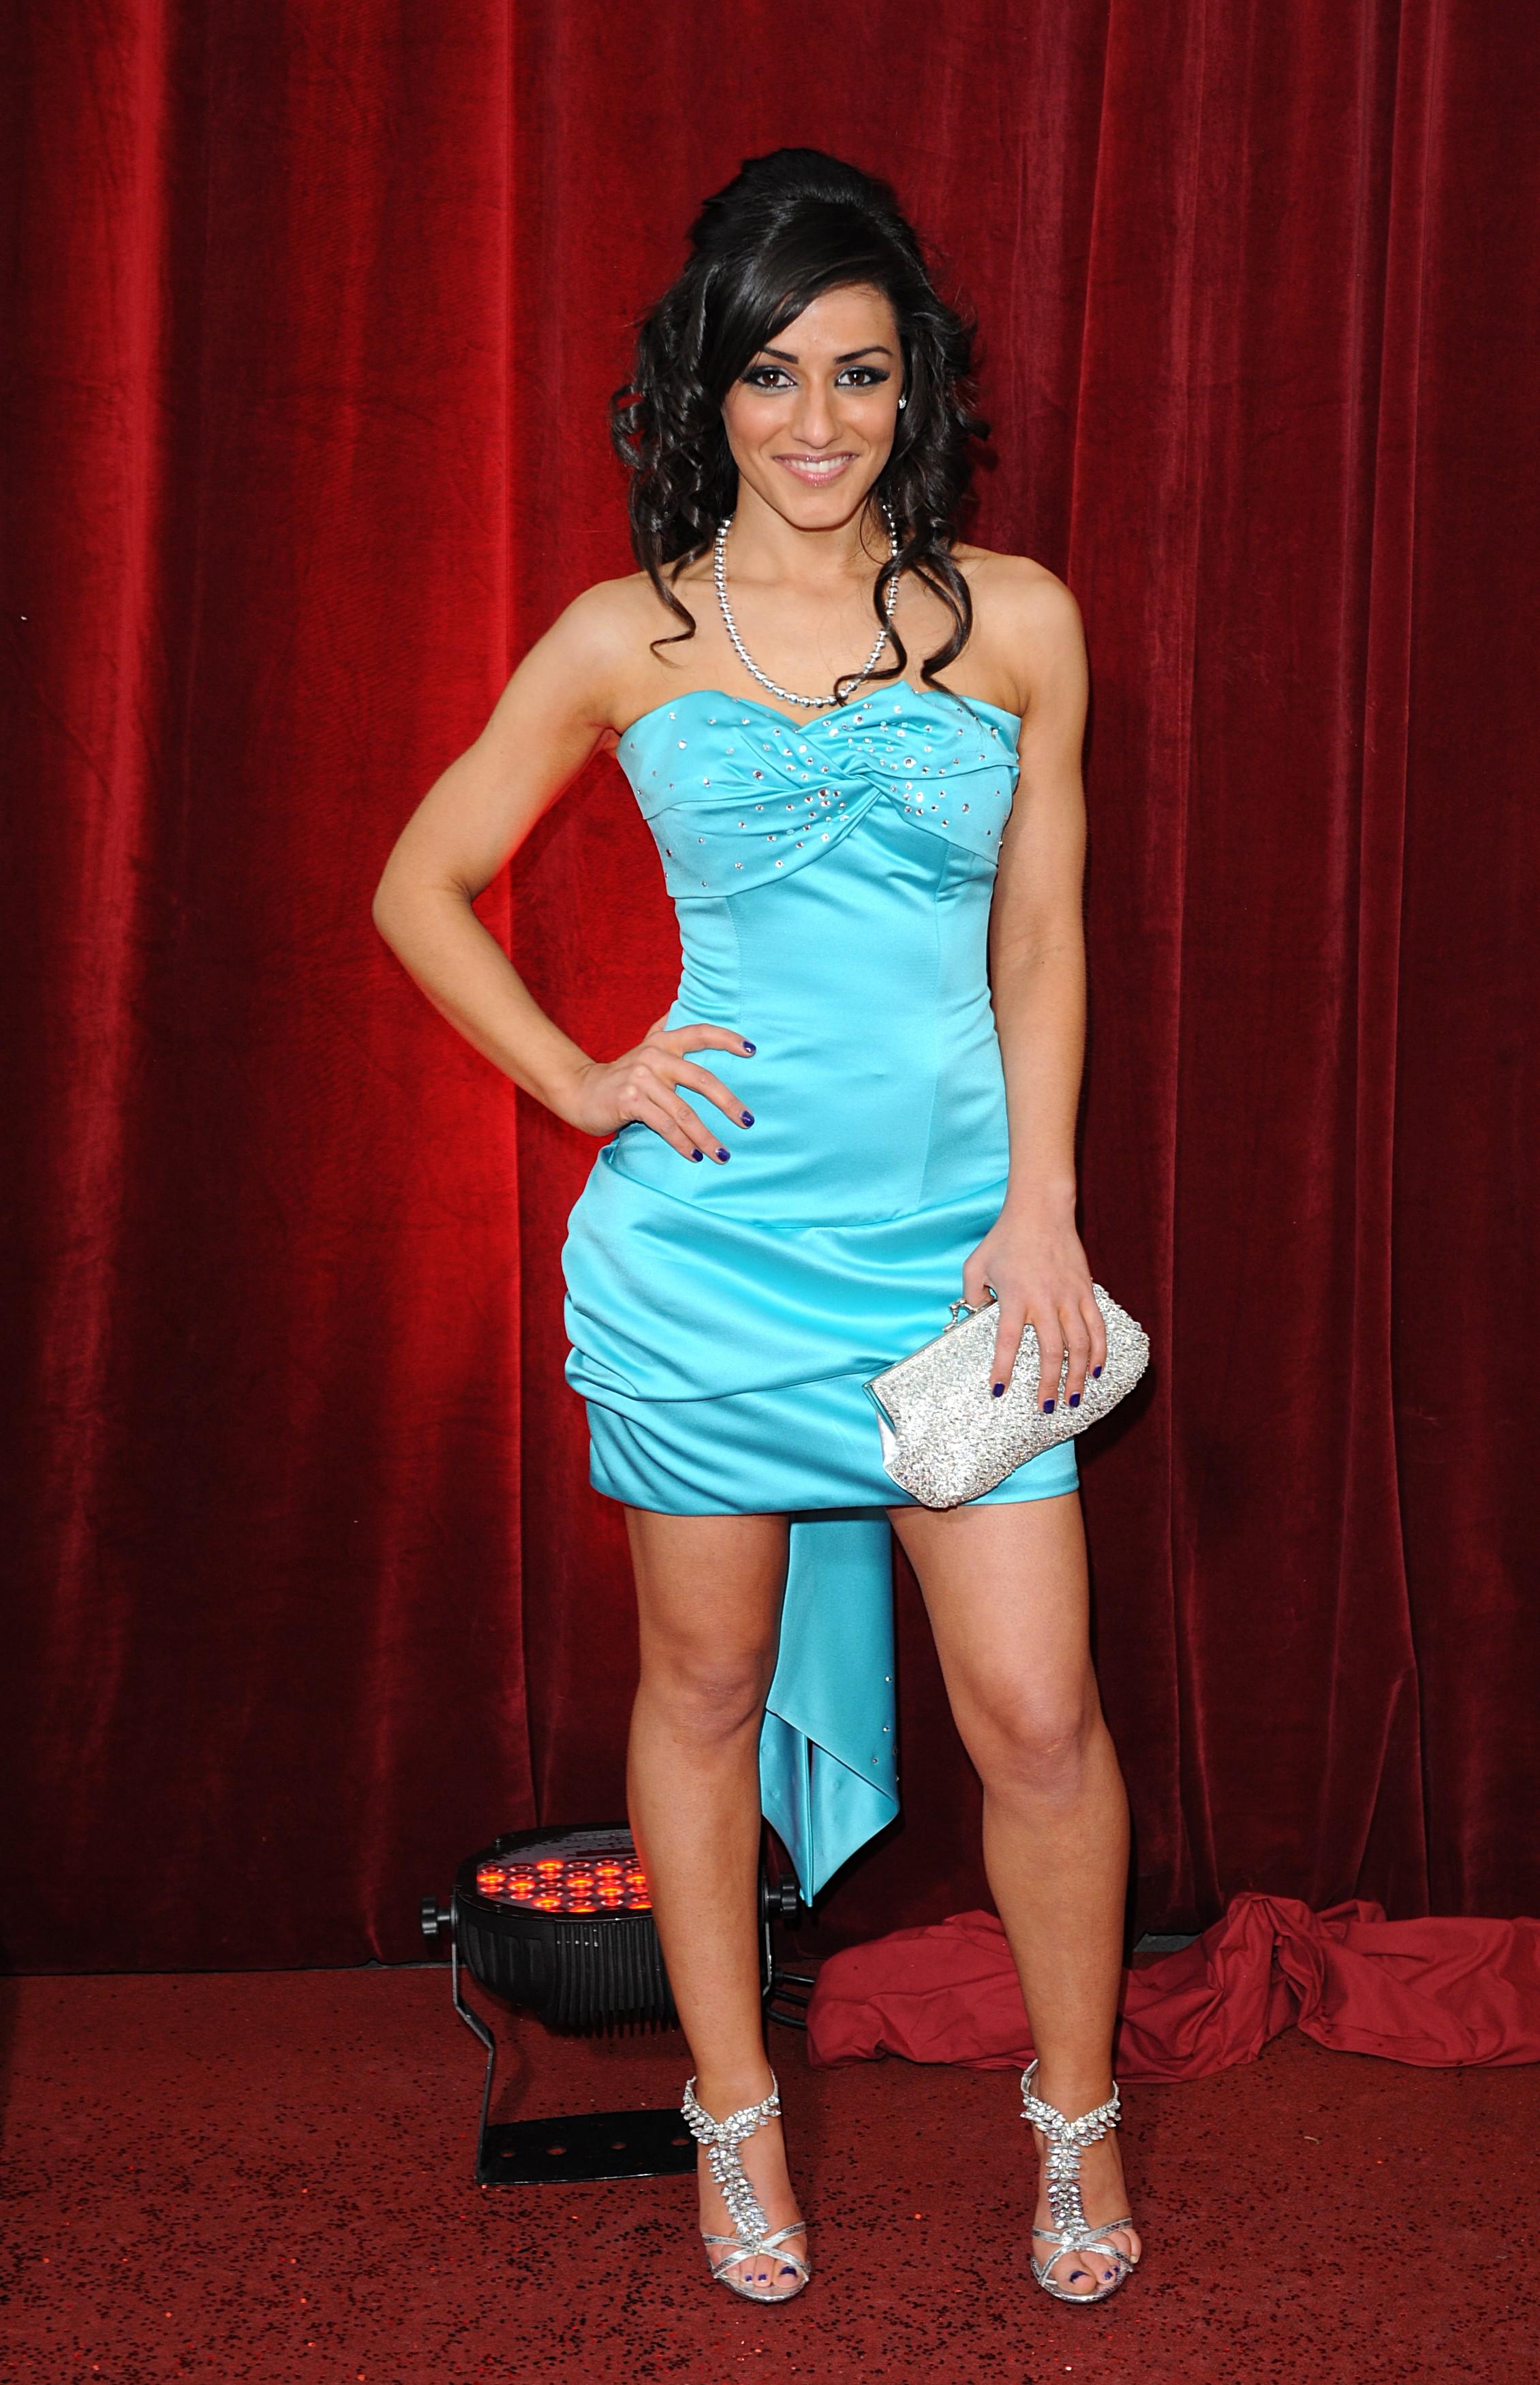 Saira Choudhry en mini-robe